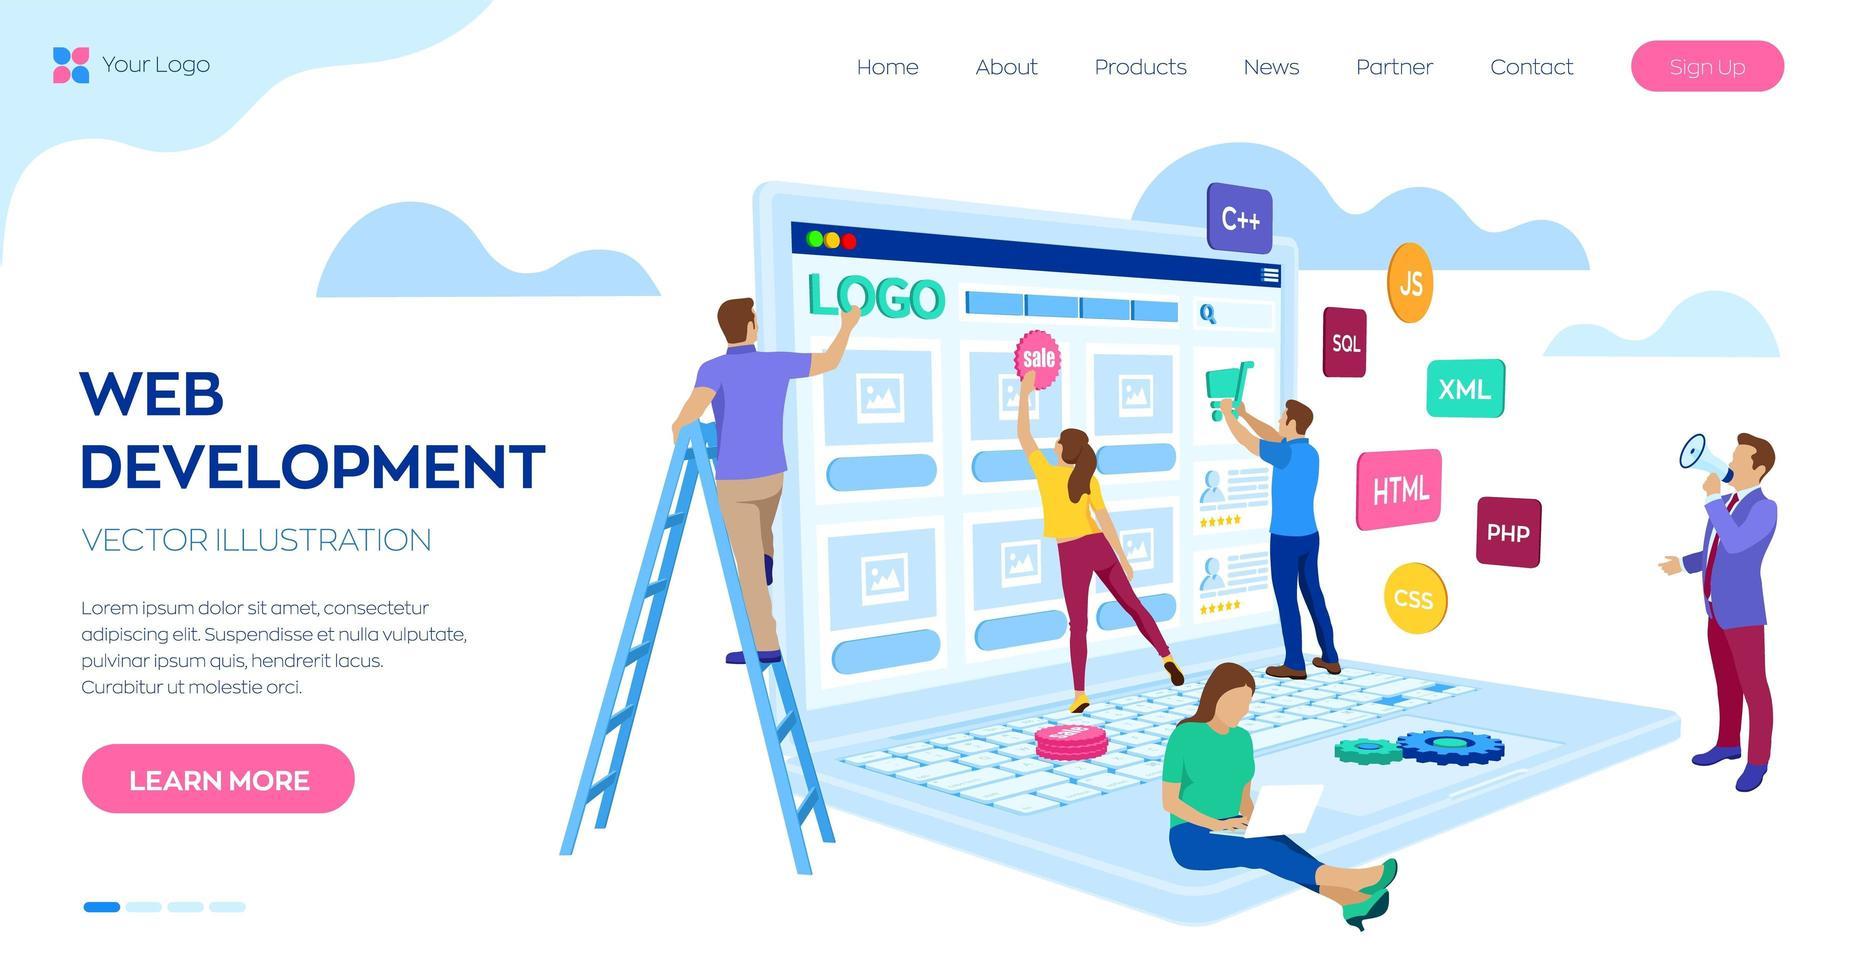 projet équipe d'ingénieurs pour création de site web vecteur